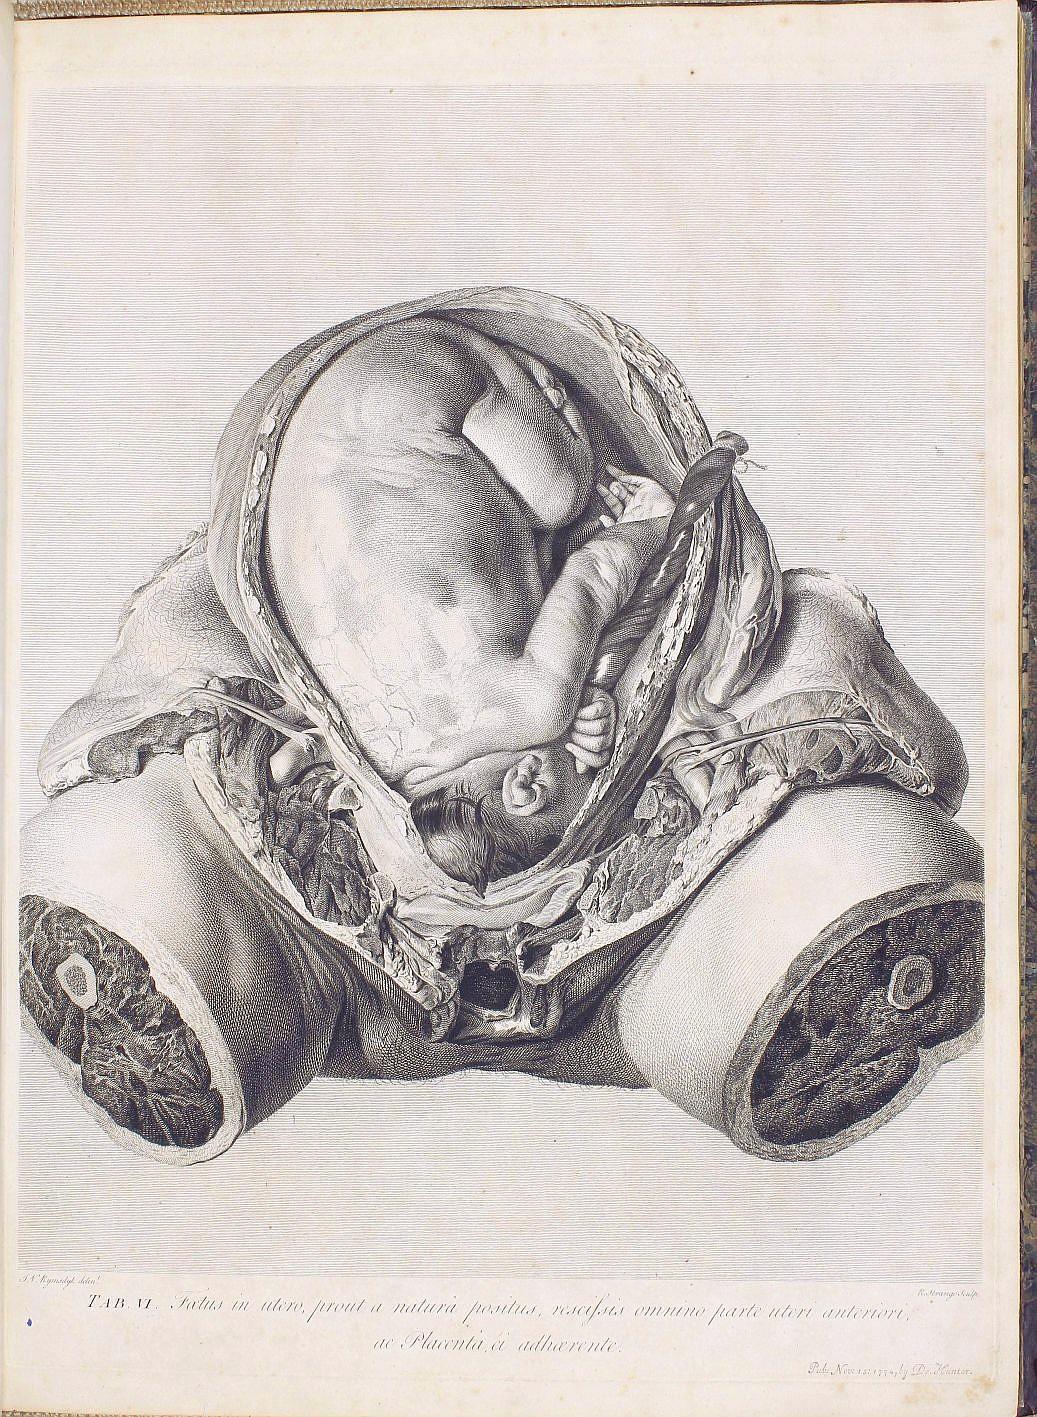 Anatomia Uteri Humani Gravidi Tabulis Illustrata The Anatomy Of The